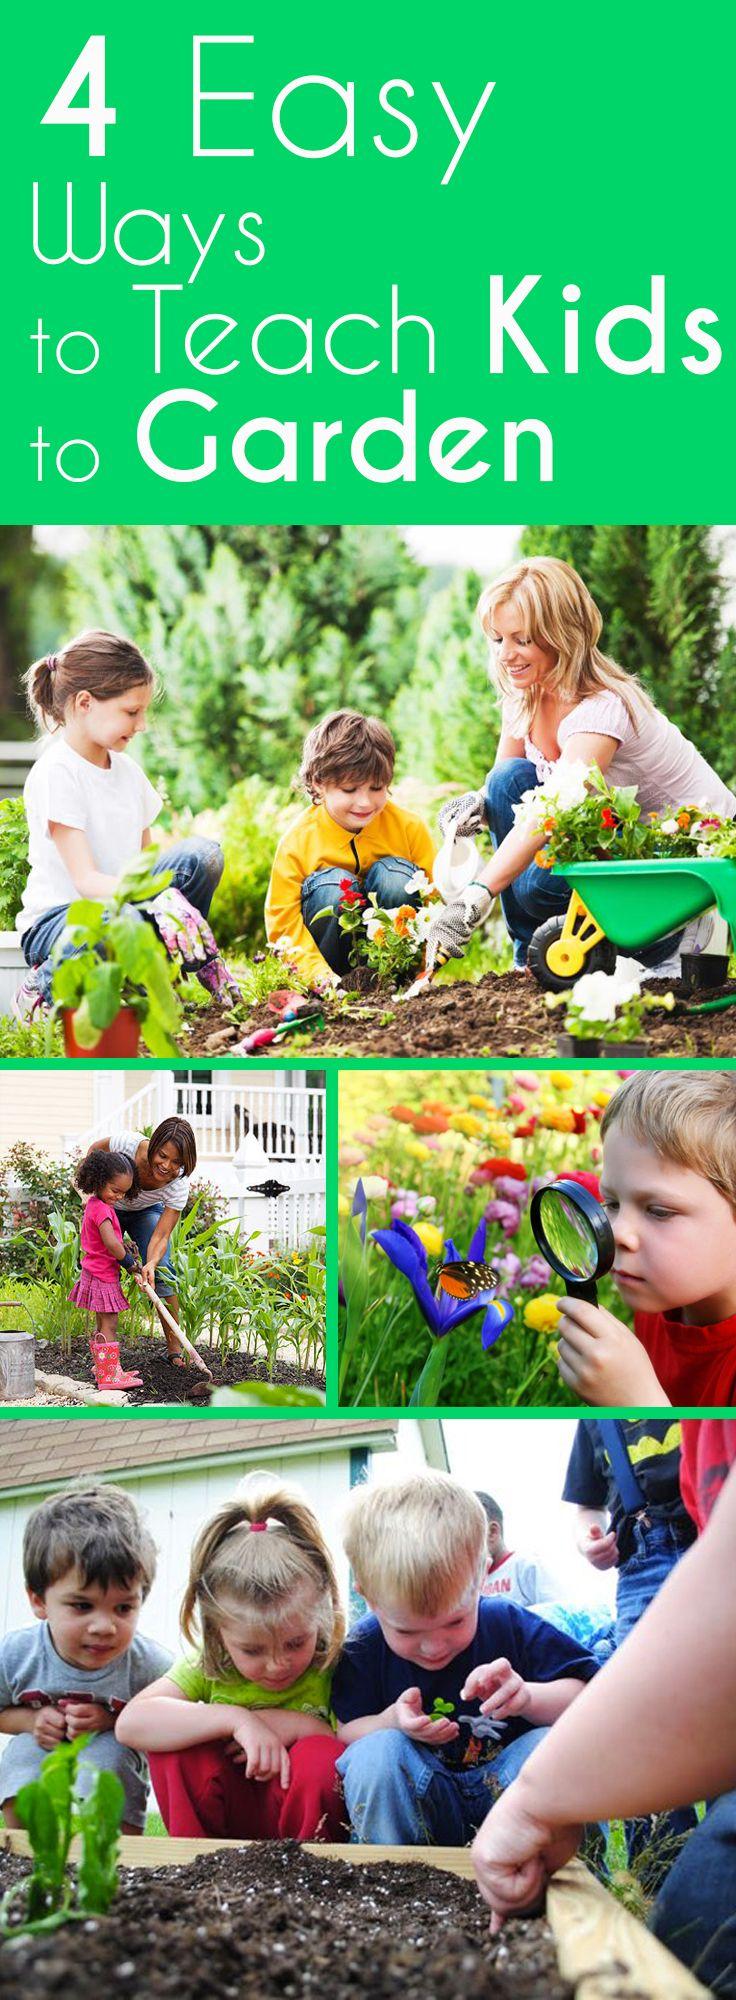 216 best Gardening \u0026 Kids images on Pinterest   Gardening, Plants ...